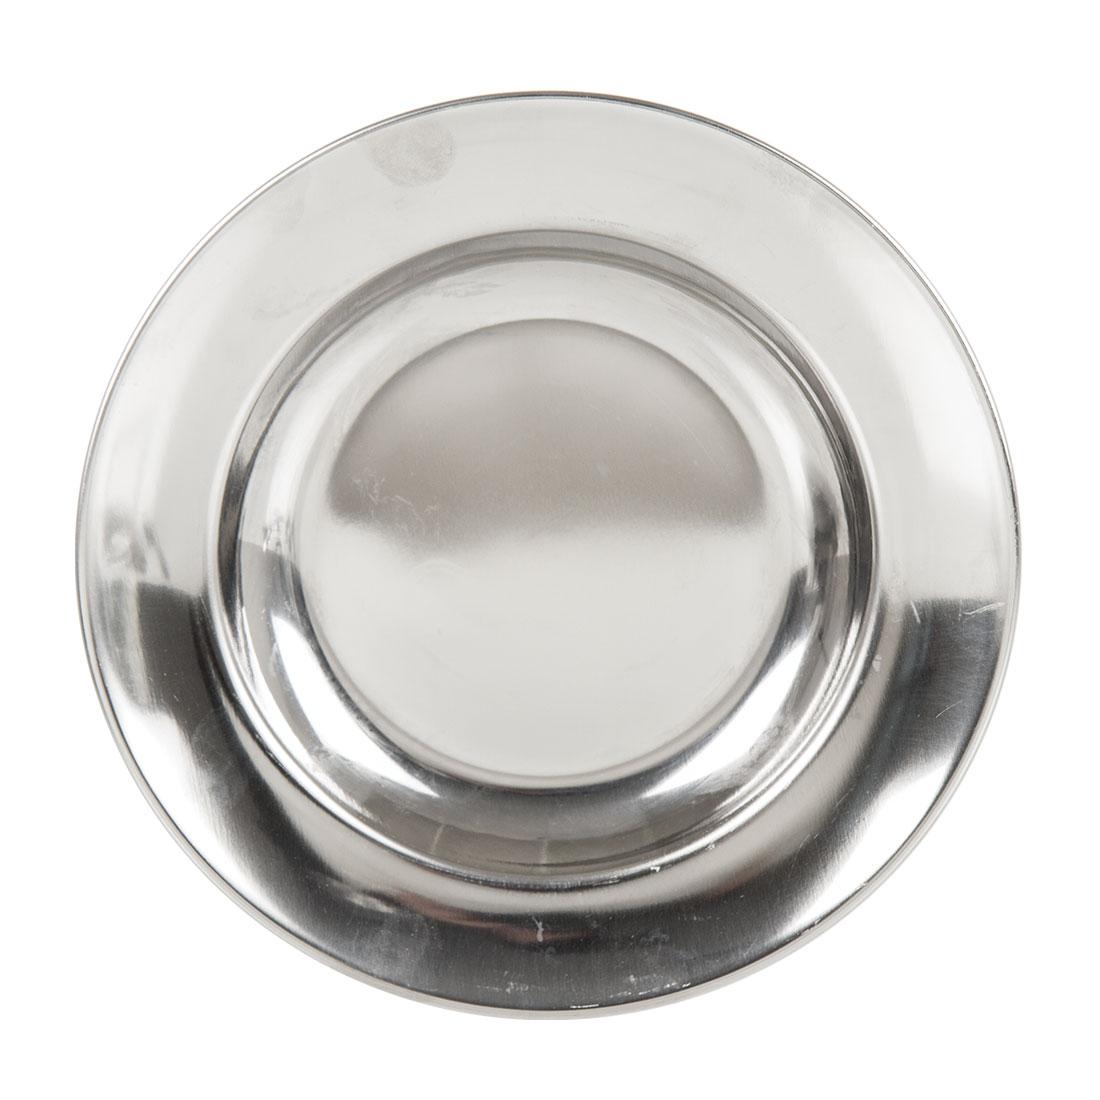 9981-stainless-steel-plate-1.jpg